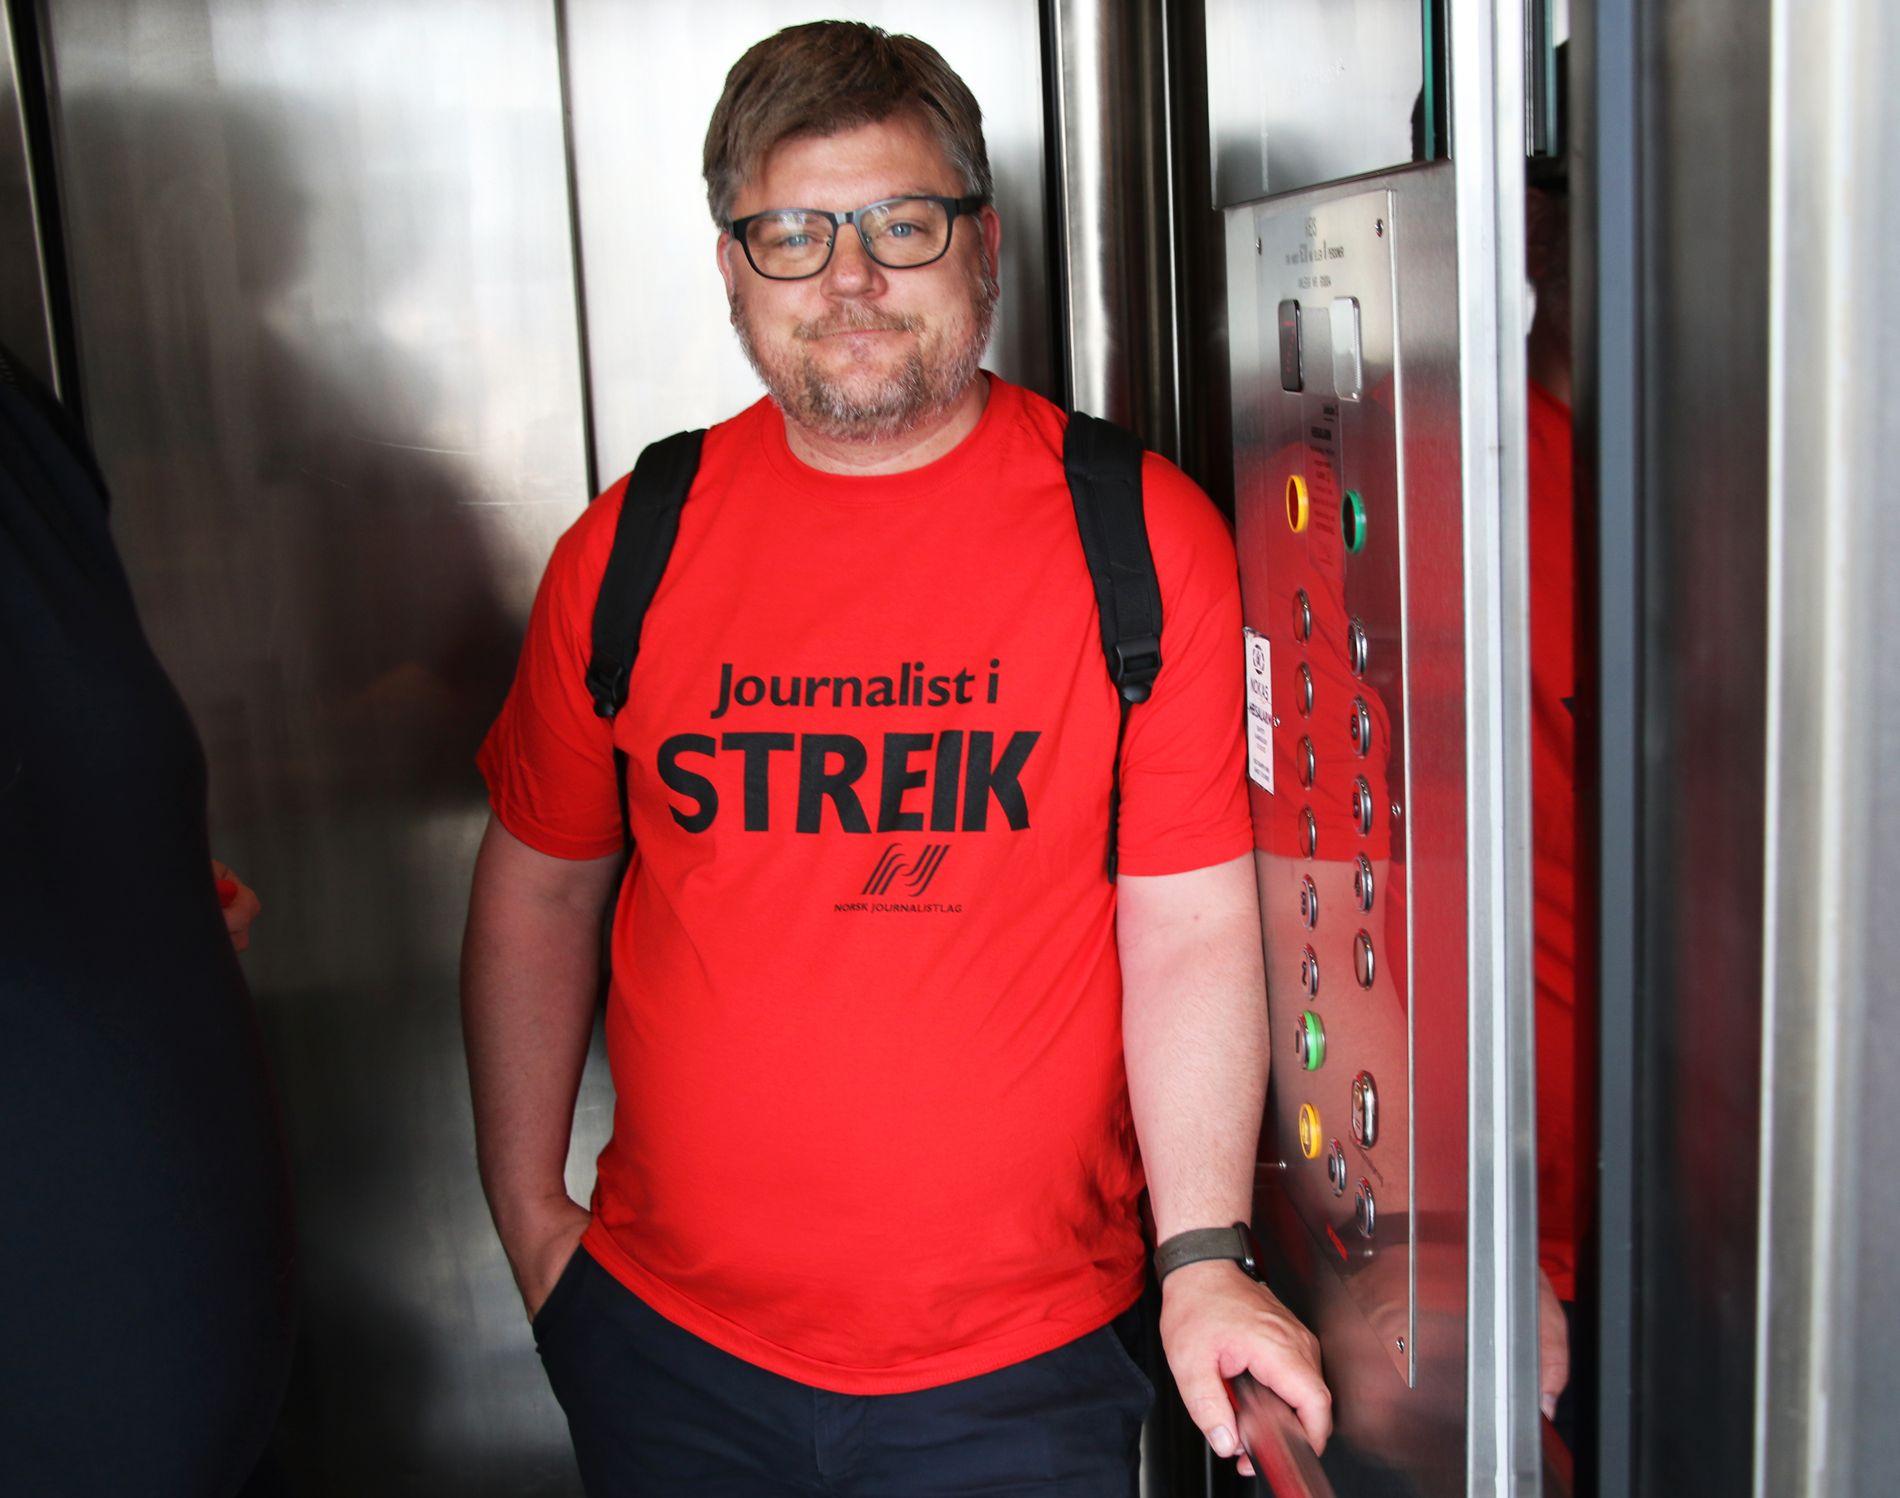 FOLK ER PROVOSERT: Leder for Norsk Journalistlag i NRK, Richard Aune, anklager arbeidsgiveren for å bedrive streikebryteri.